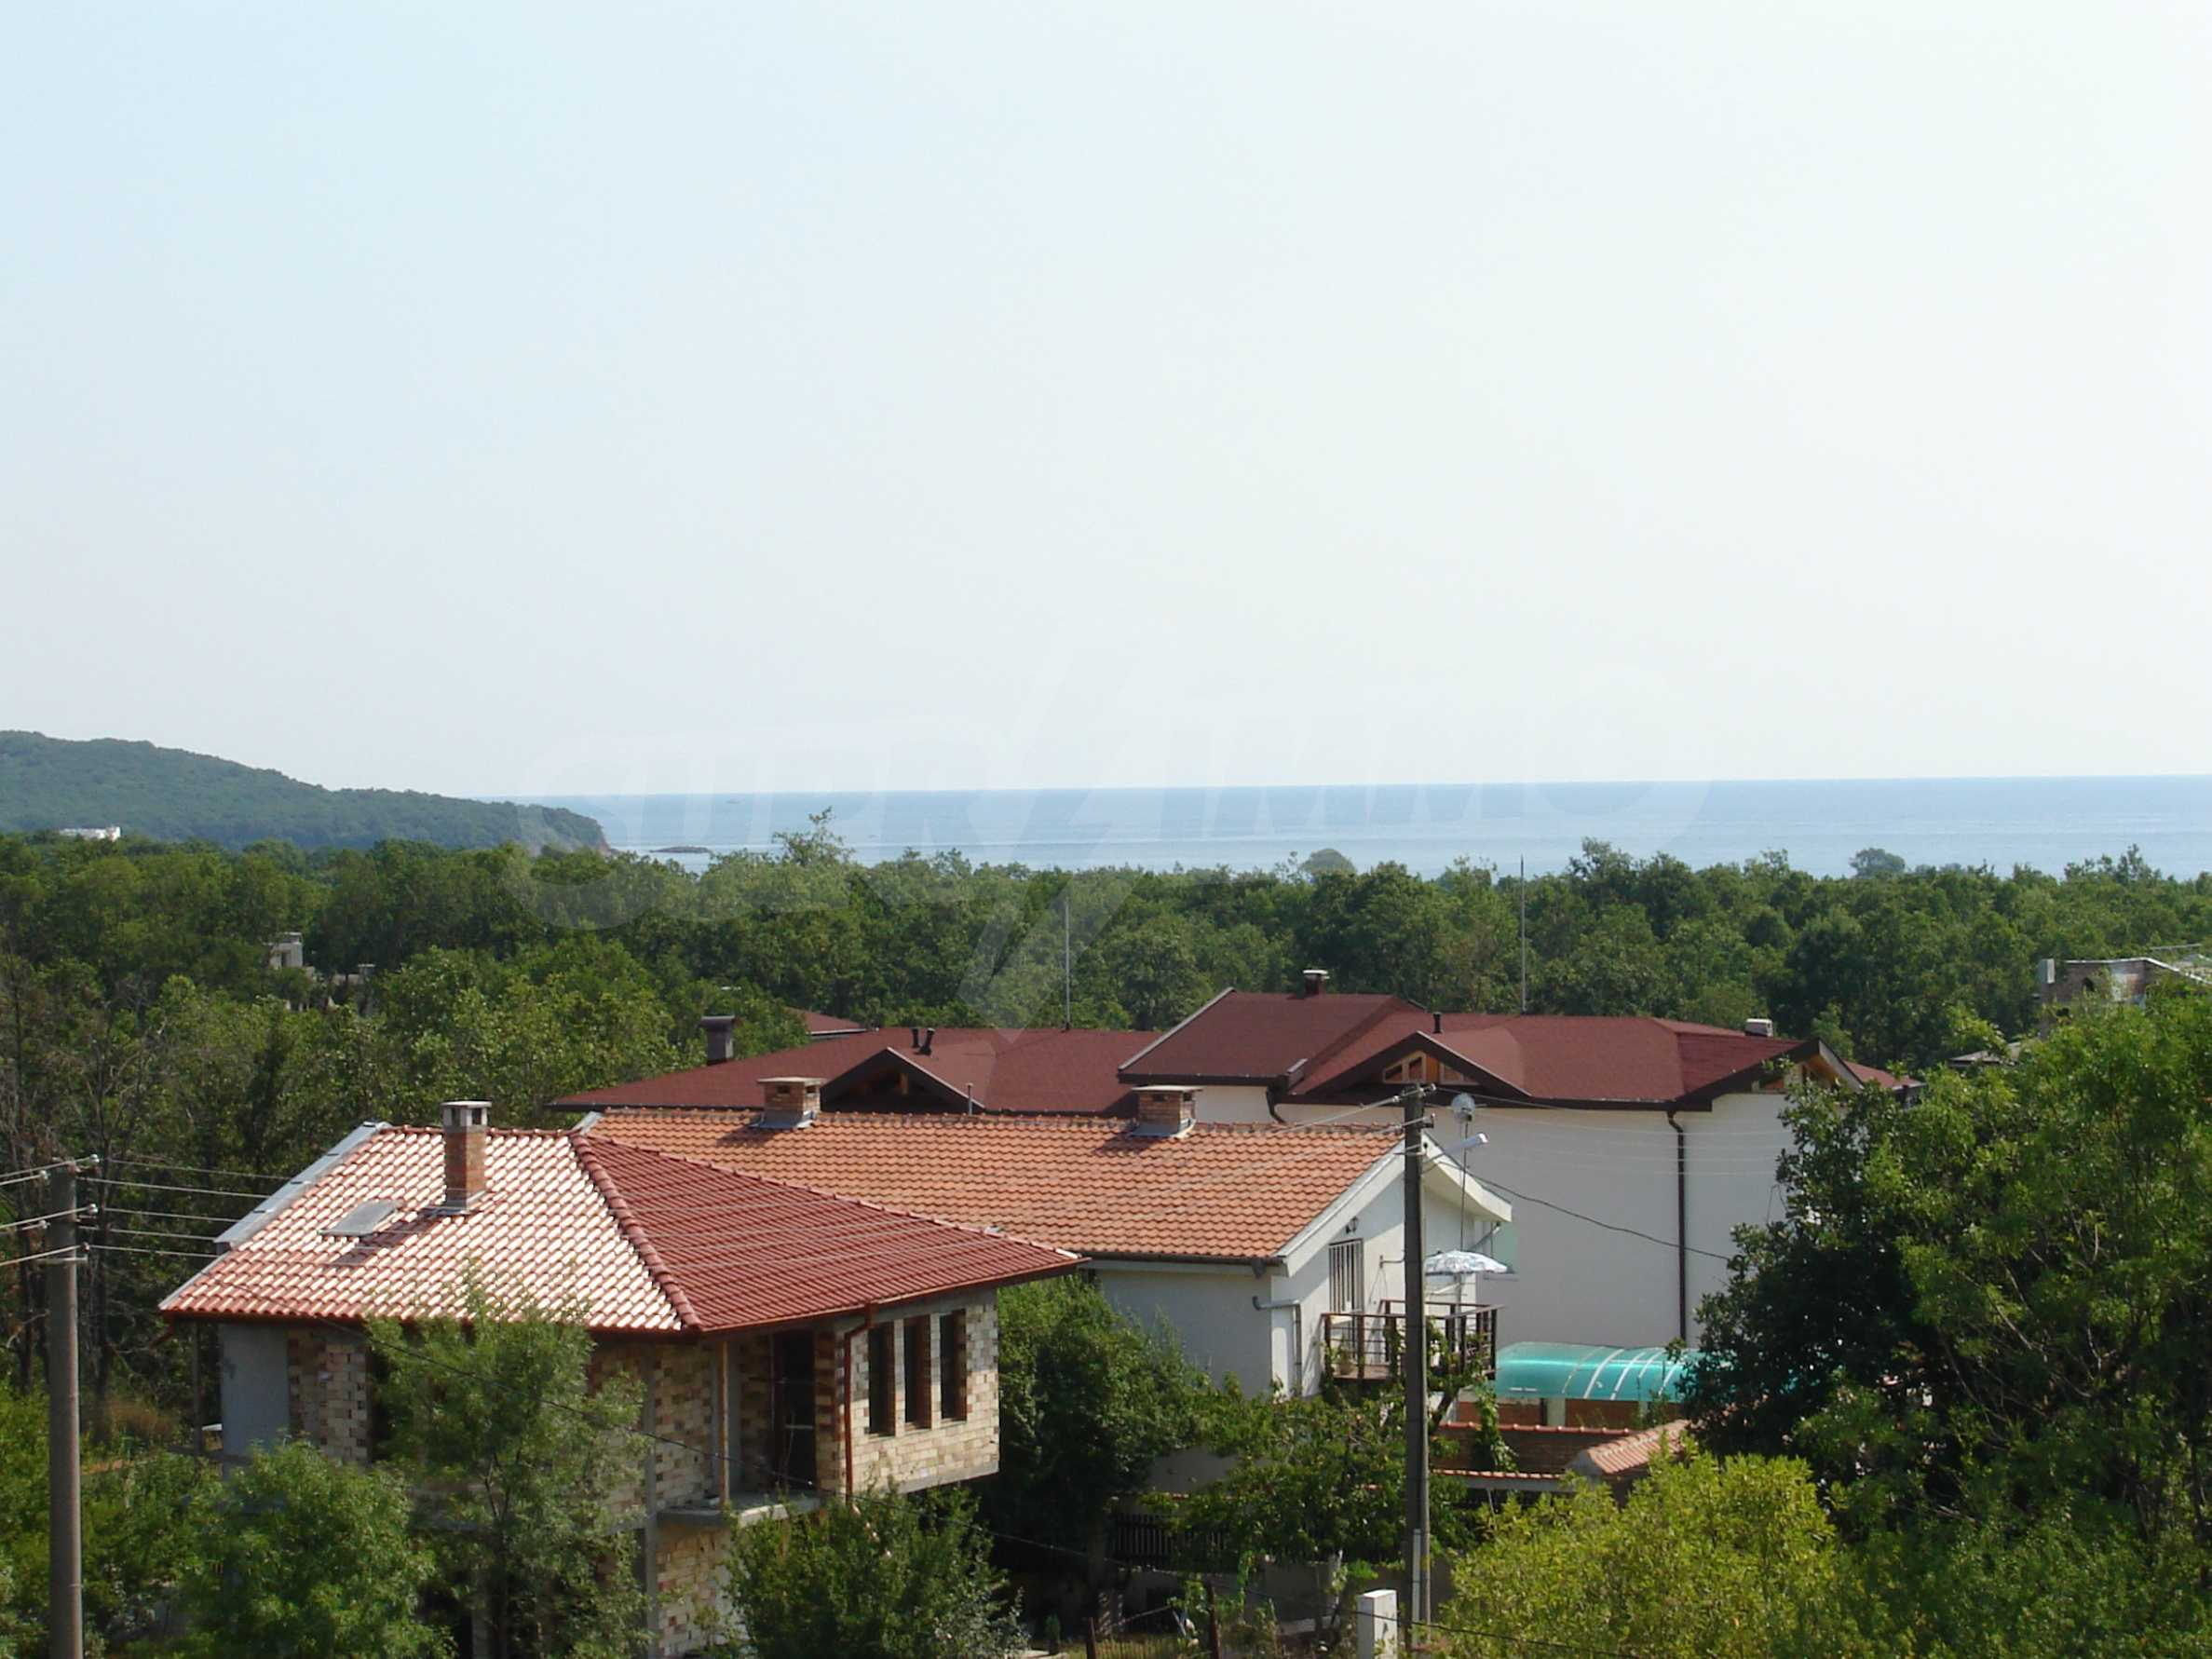 House of family hotel type for sale in Primorsko 27